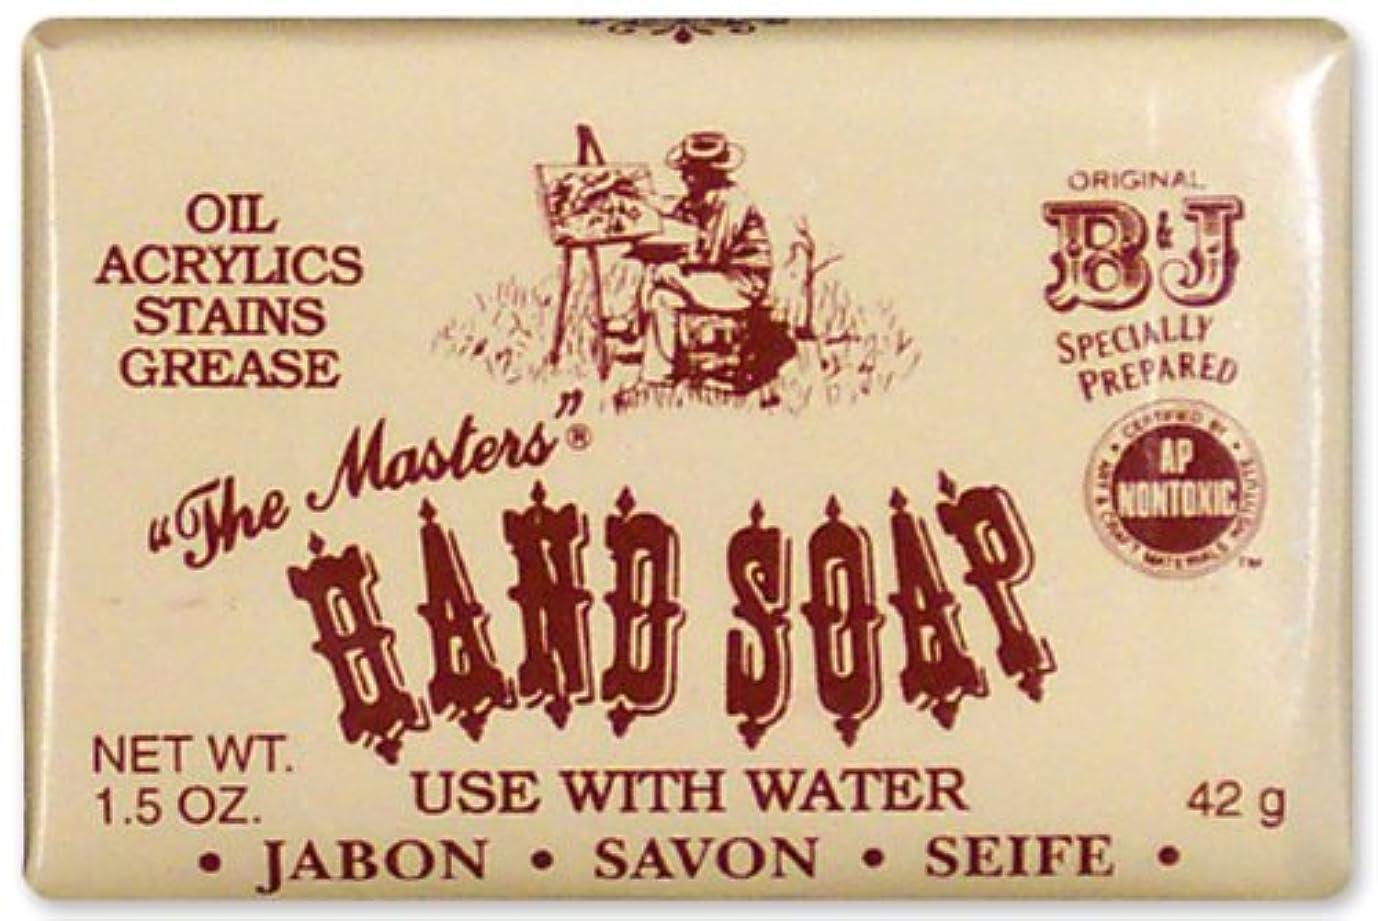 部屋を掃除するトーナメント慎重マスターの手の石鹸 1.5 オンス